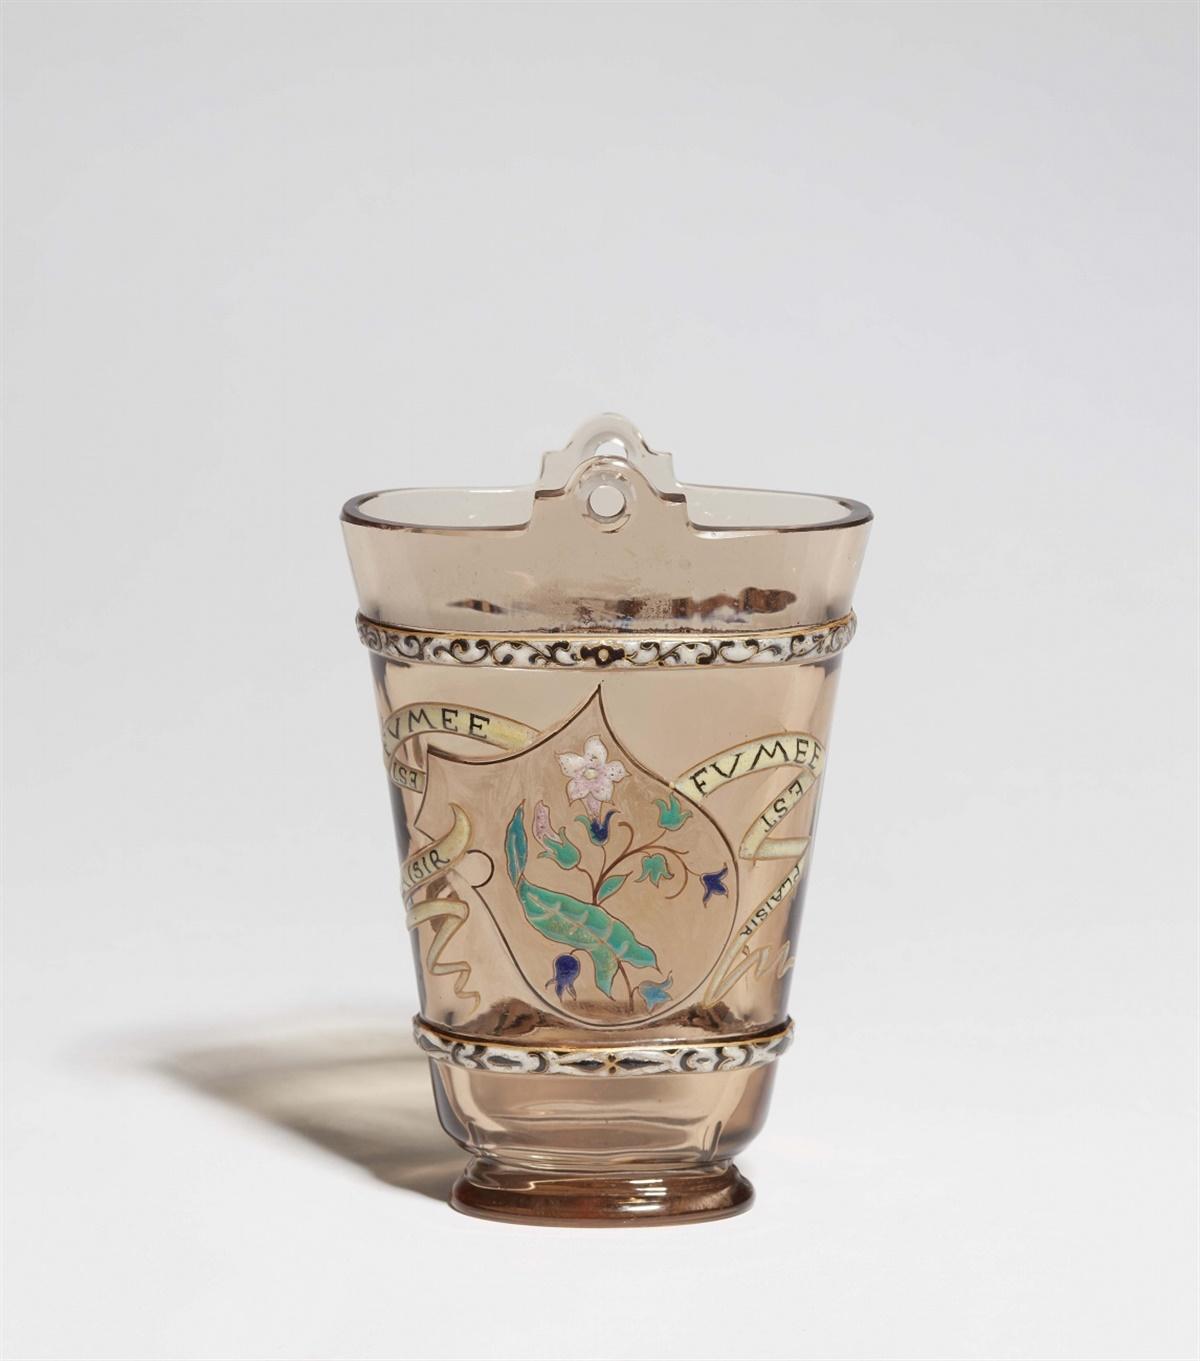 Lot 13 - Vase parlante FUMEE EST PLAISIRDickwandiges Rauchglas mit polychromem Reliefemail, Goldkonturen,